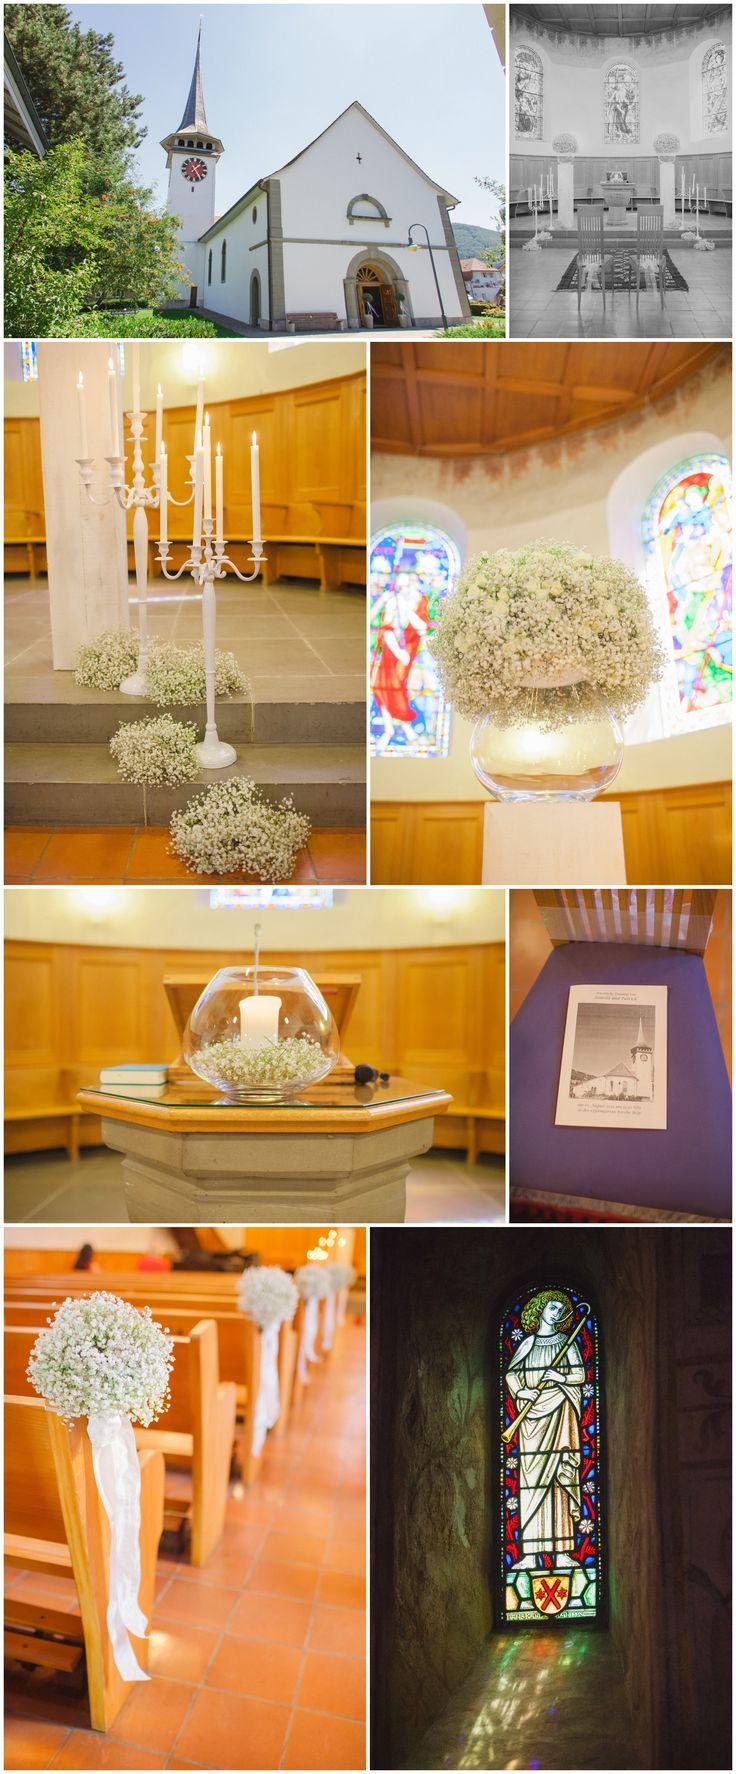 Trauung // Blumen Tabea Maria-Lisa Floristik // Hochzeitsfotografin Bern // Hochzeitsbilder von Jeanine Linder - jeaninelinderphotography // www.jeaninelinder.com